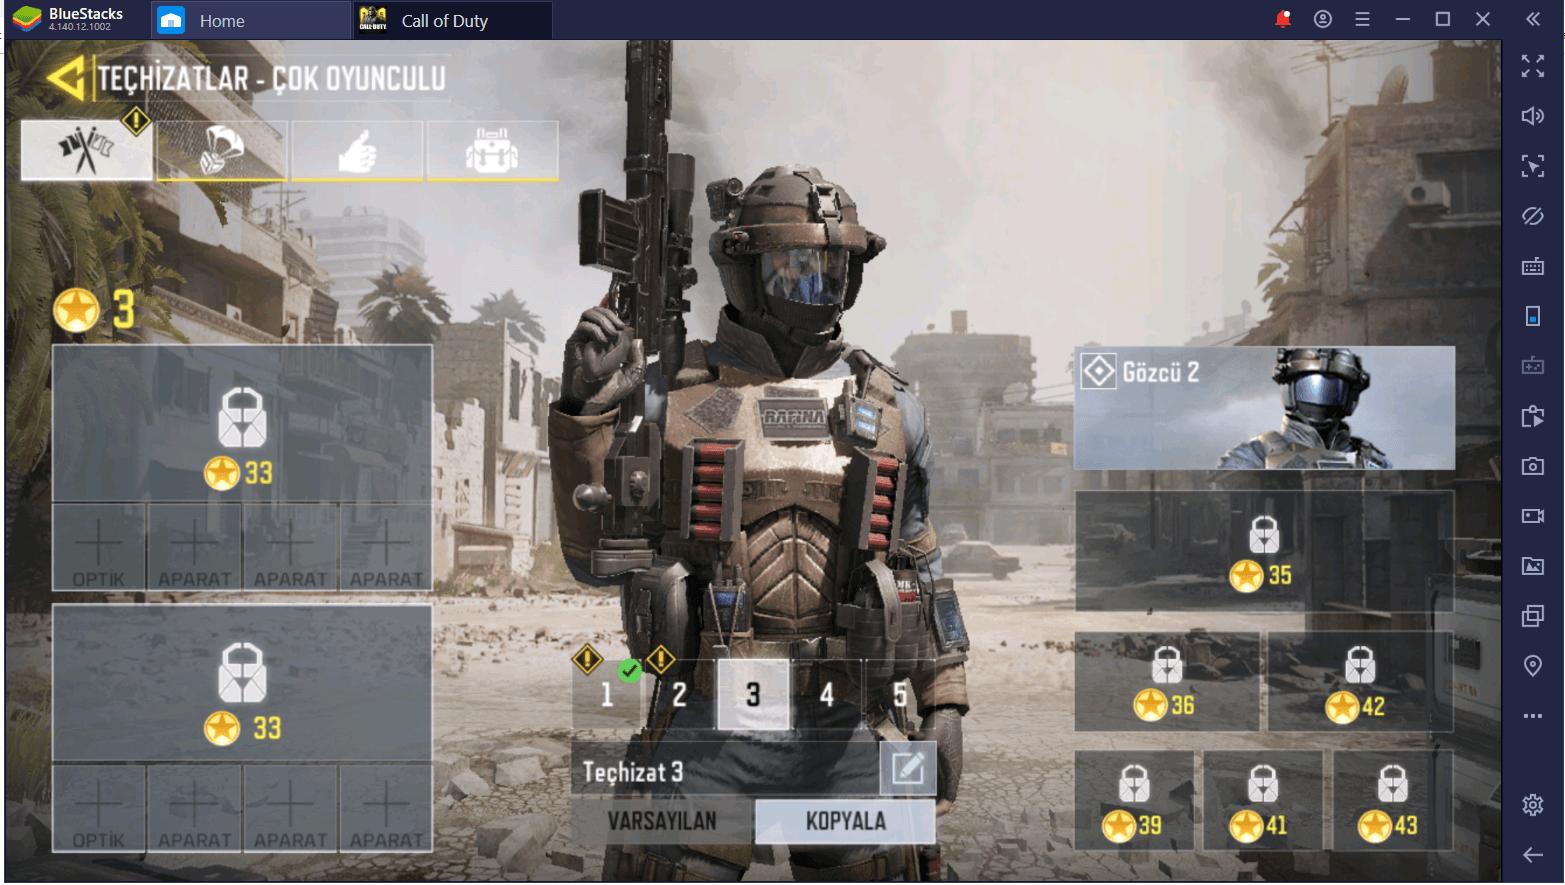 Call of Duty Mobile PC'de Hızlı Rank Atlama Rehberi